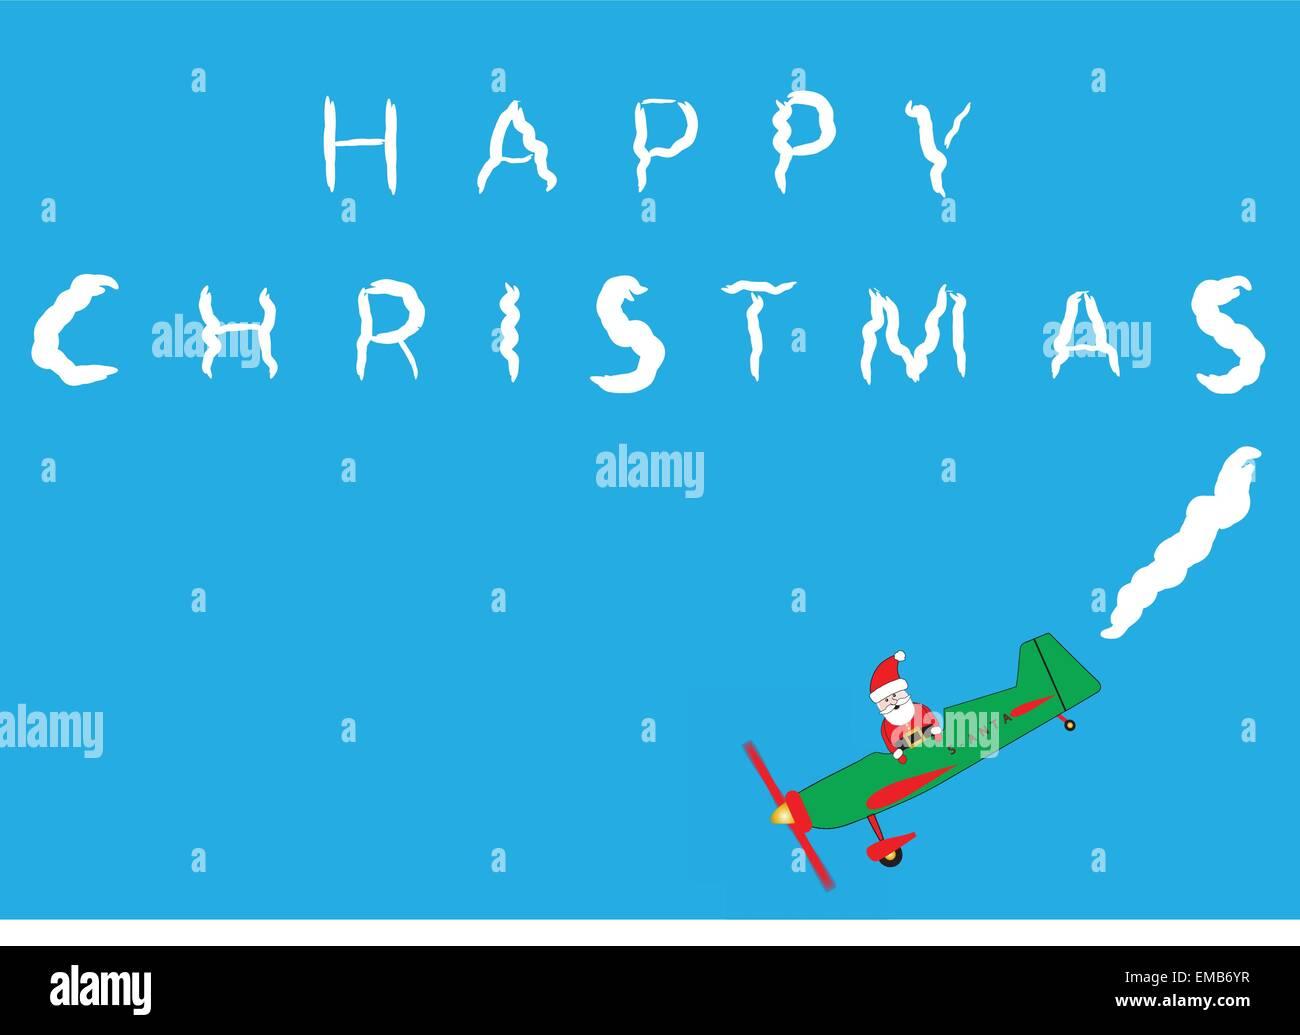 Frohe Weihnachten Flugzeug.Santa Claus In Einem Cartoon Flugzeug Sky Schreiben Frohe